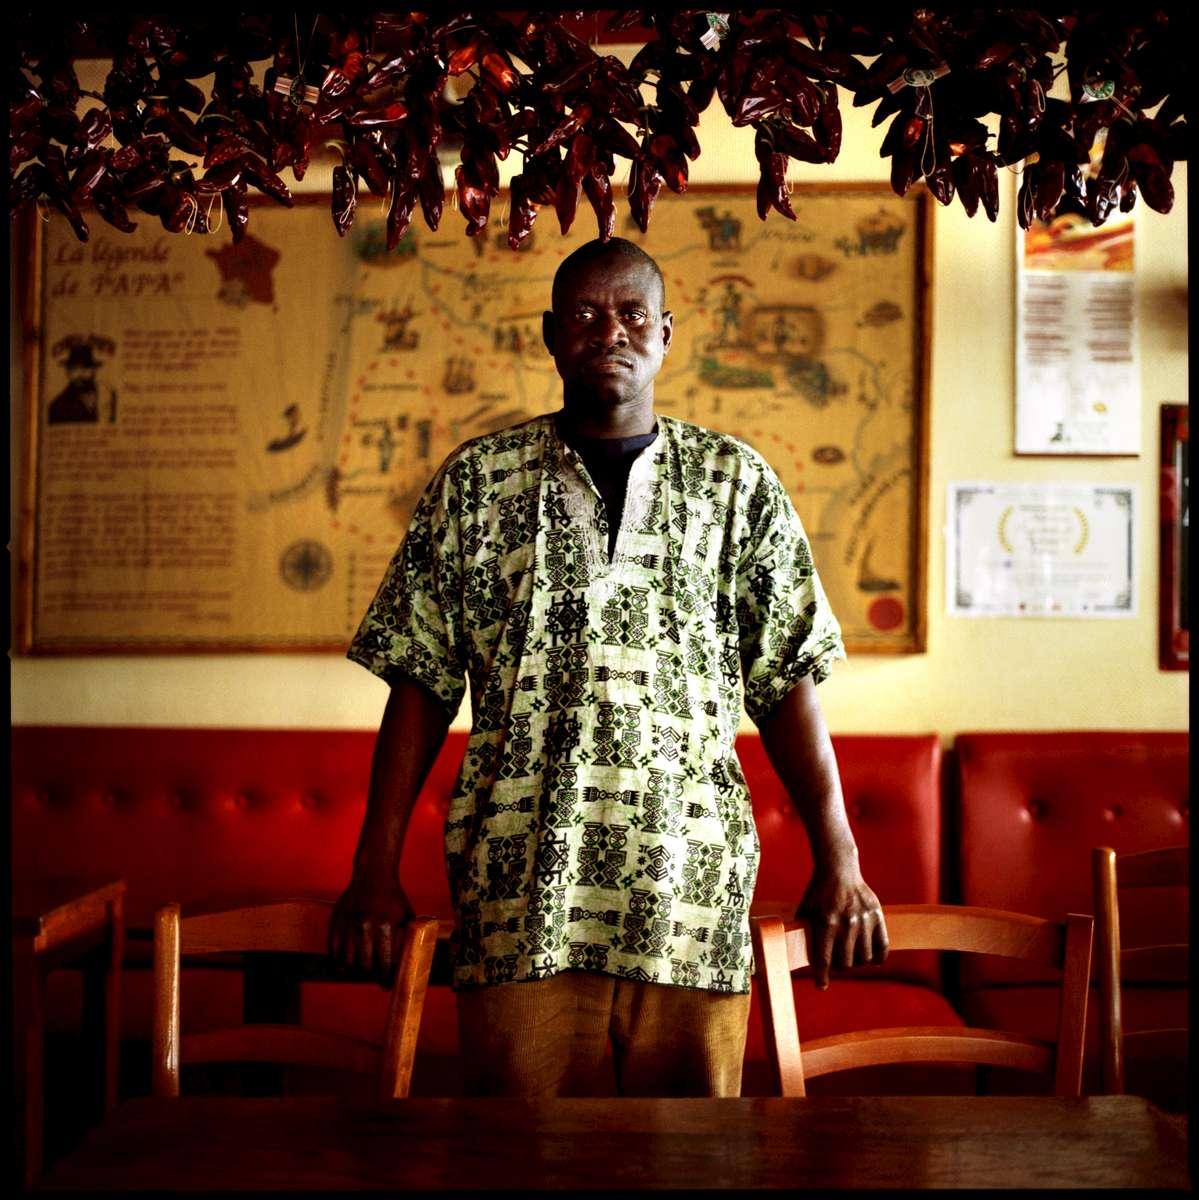 Philippe, employé sans papiers du restaurant CHEZ PAPA, est en grève et en attente de régularisation. A la date du 30 mai 2008, 23 des 39 travailleurs sans papiers de cette enseigne avaient déjà été régularisés. Ils occupent le restaurant CHEZ PAPA situé rue Lafayette à Paris depuis le 15 avril 2008.